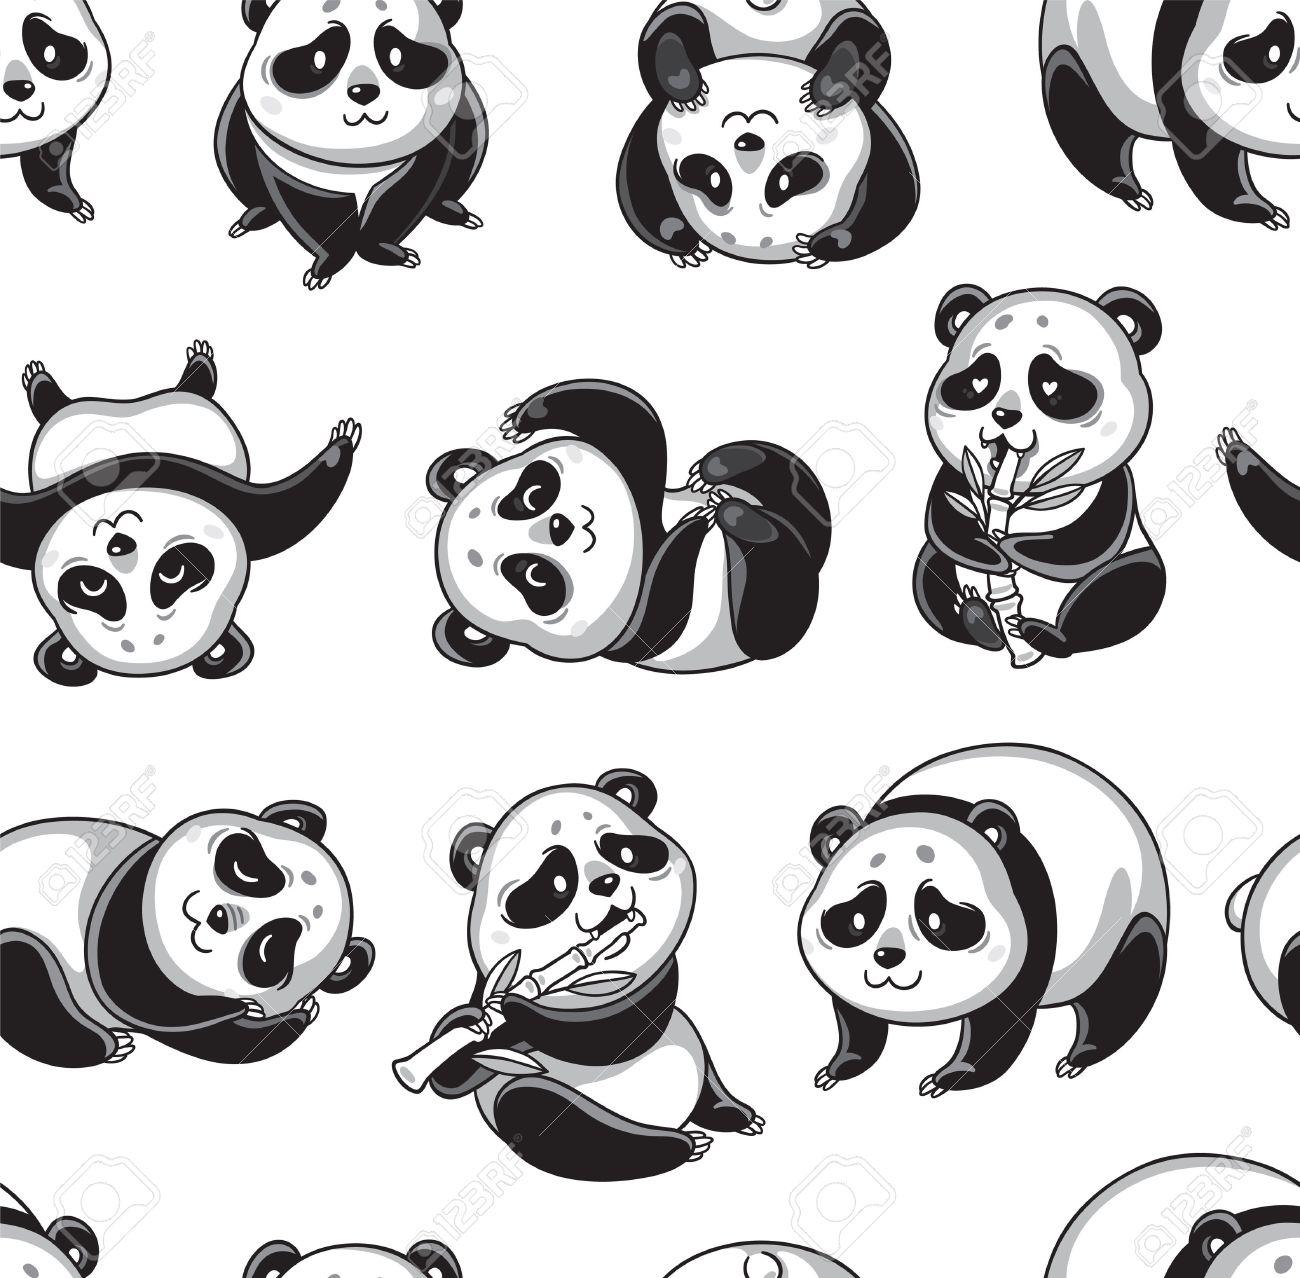 Asombroso Panda Para Colorear Libro Patrón - Dibujos Para Colorear ...